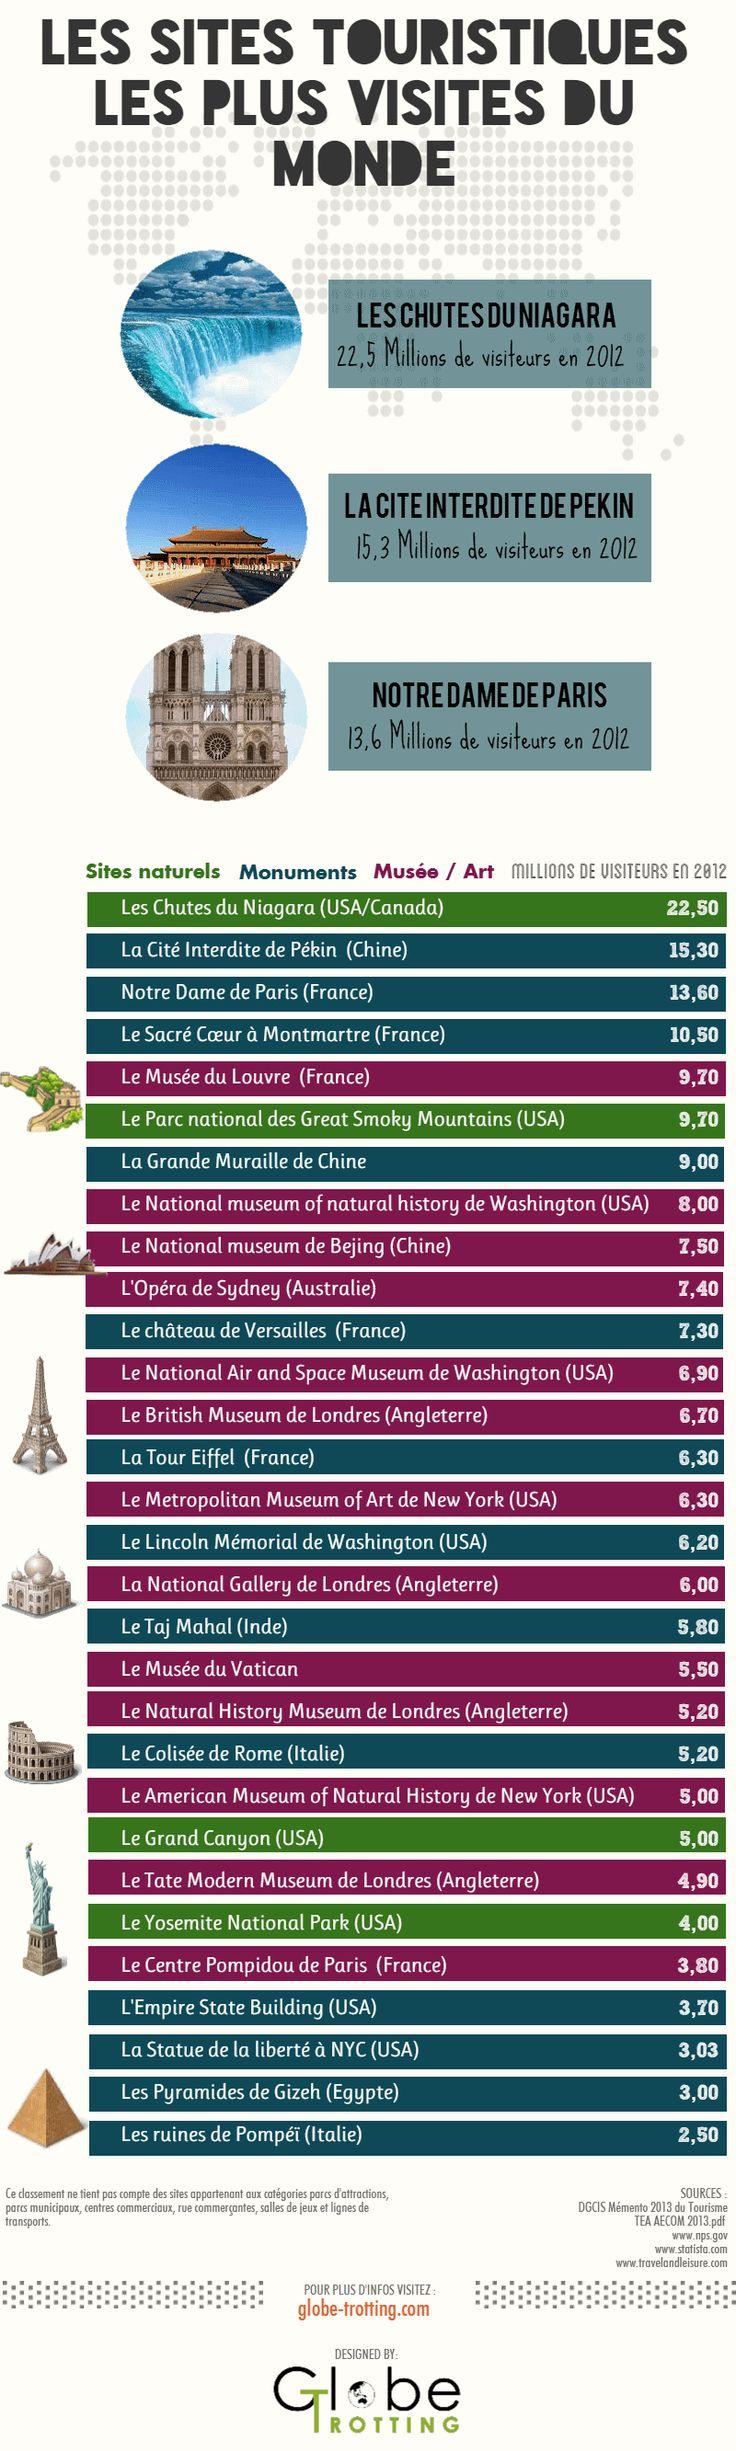 Les sites touristiques les plus visités au Mond en 2013  #voyage #statistiques #infographie #travel #infographic